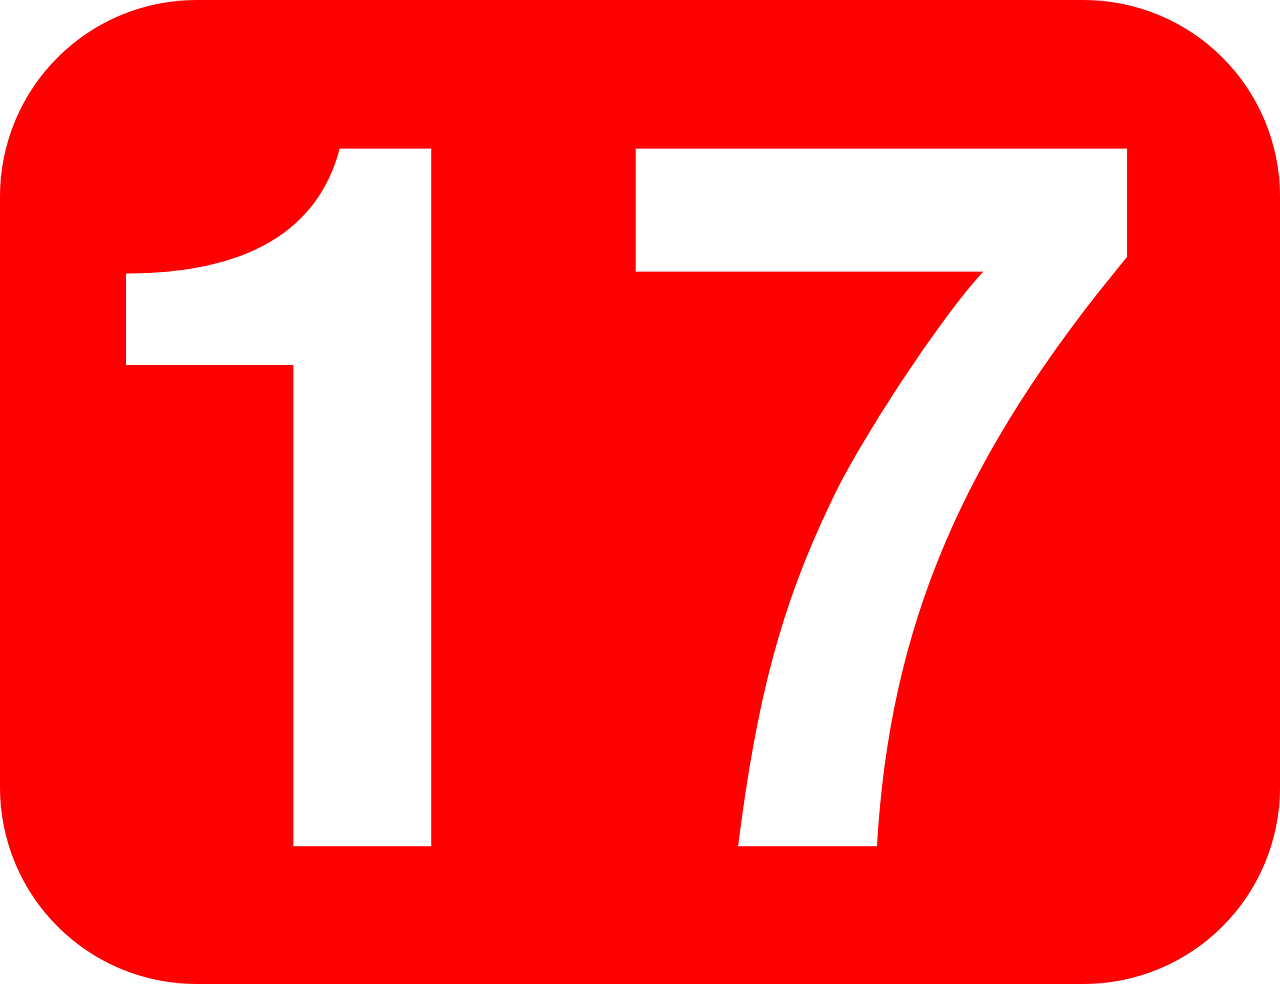 Картинка с цифрой 17 большой формат, летием